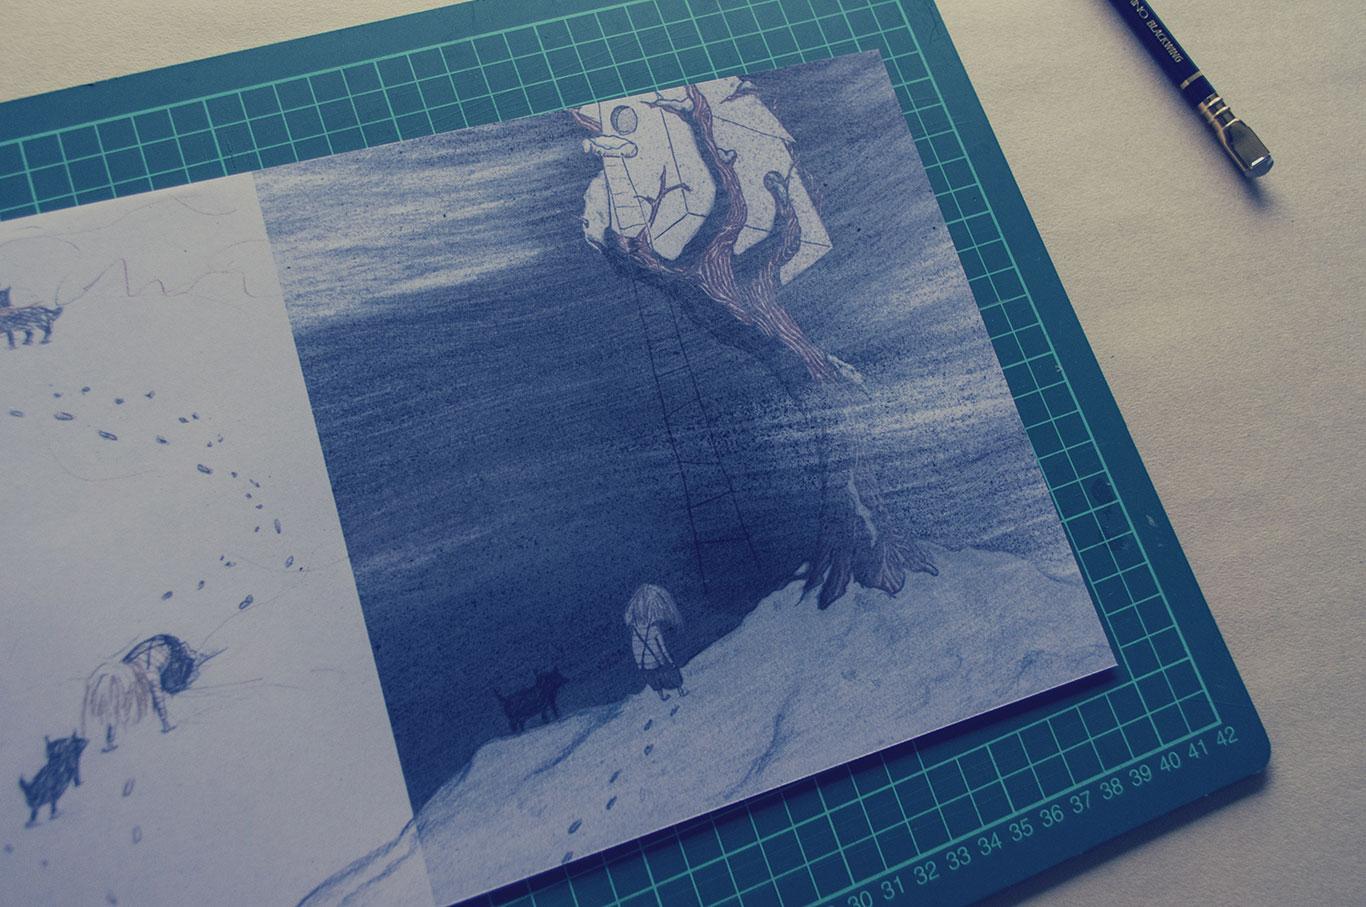 Het resultaat van de laatste strijd, een sneak peek van een tekening uit het aankomende boek.